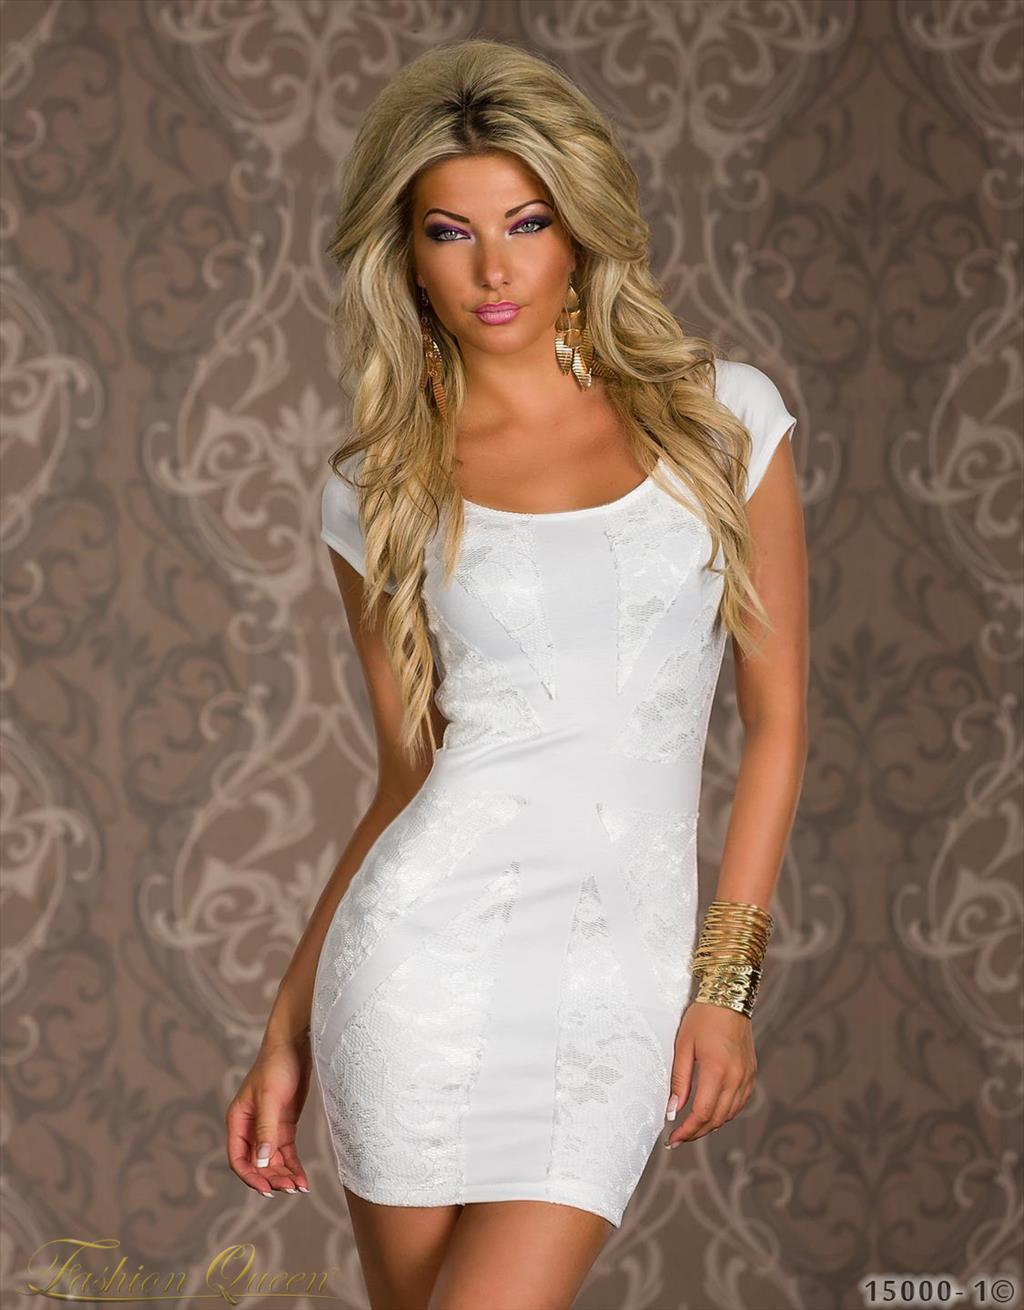 610e227b7b3d Fashion Queen - Dámske oblečenie a móda - Minišaty s krátkym rukávom